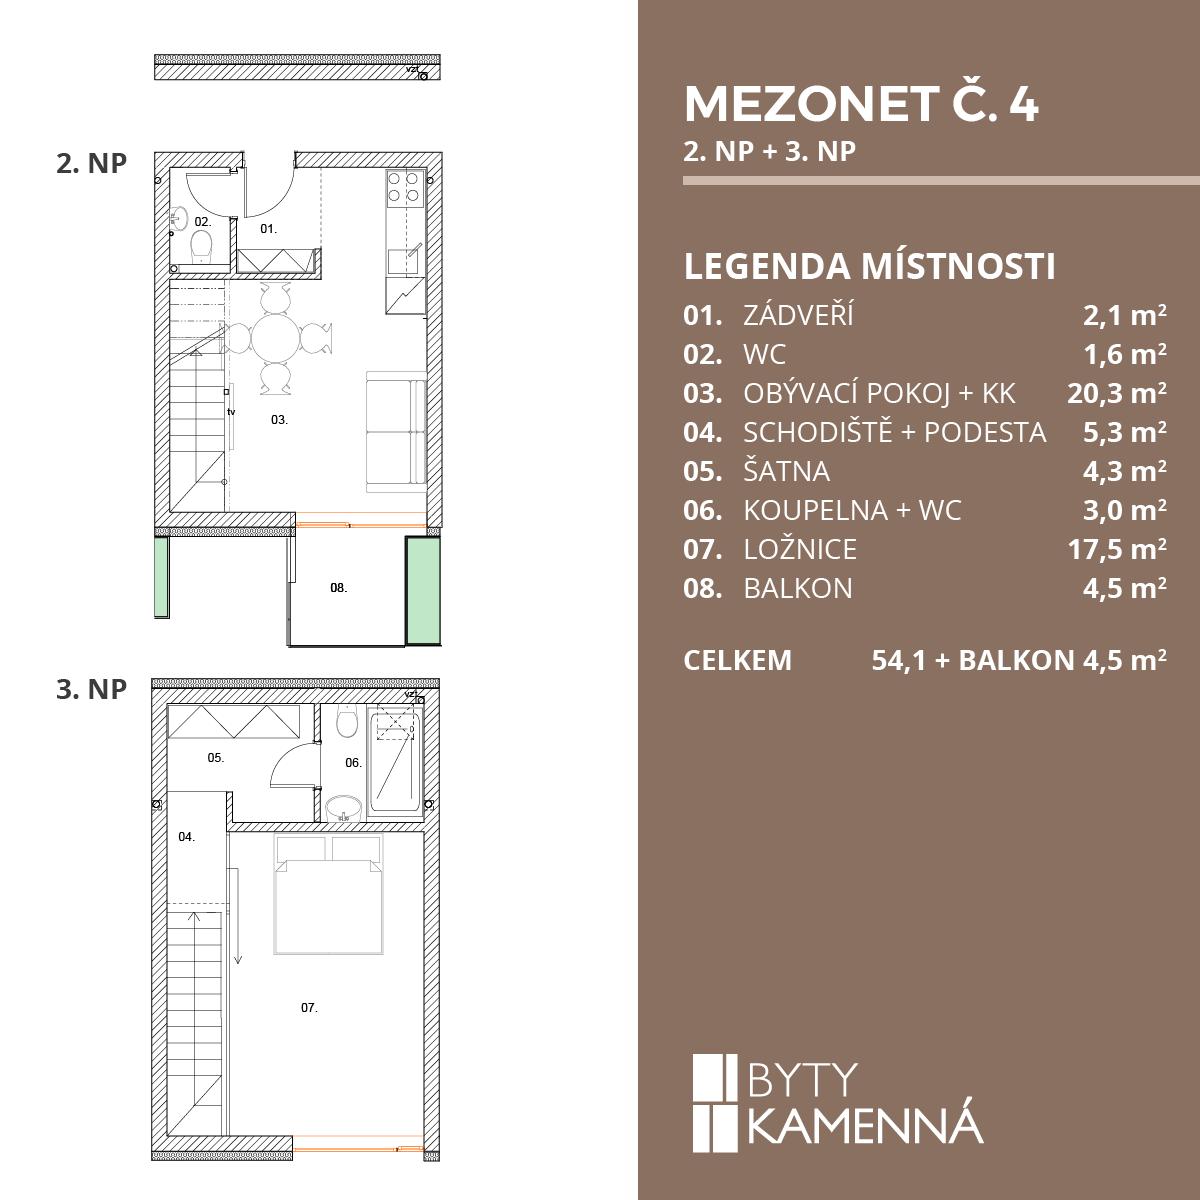 MEZONET 9